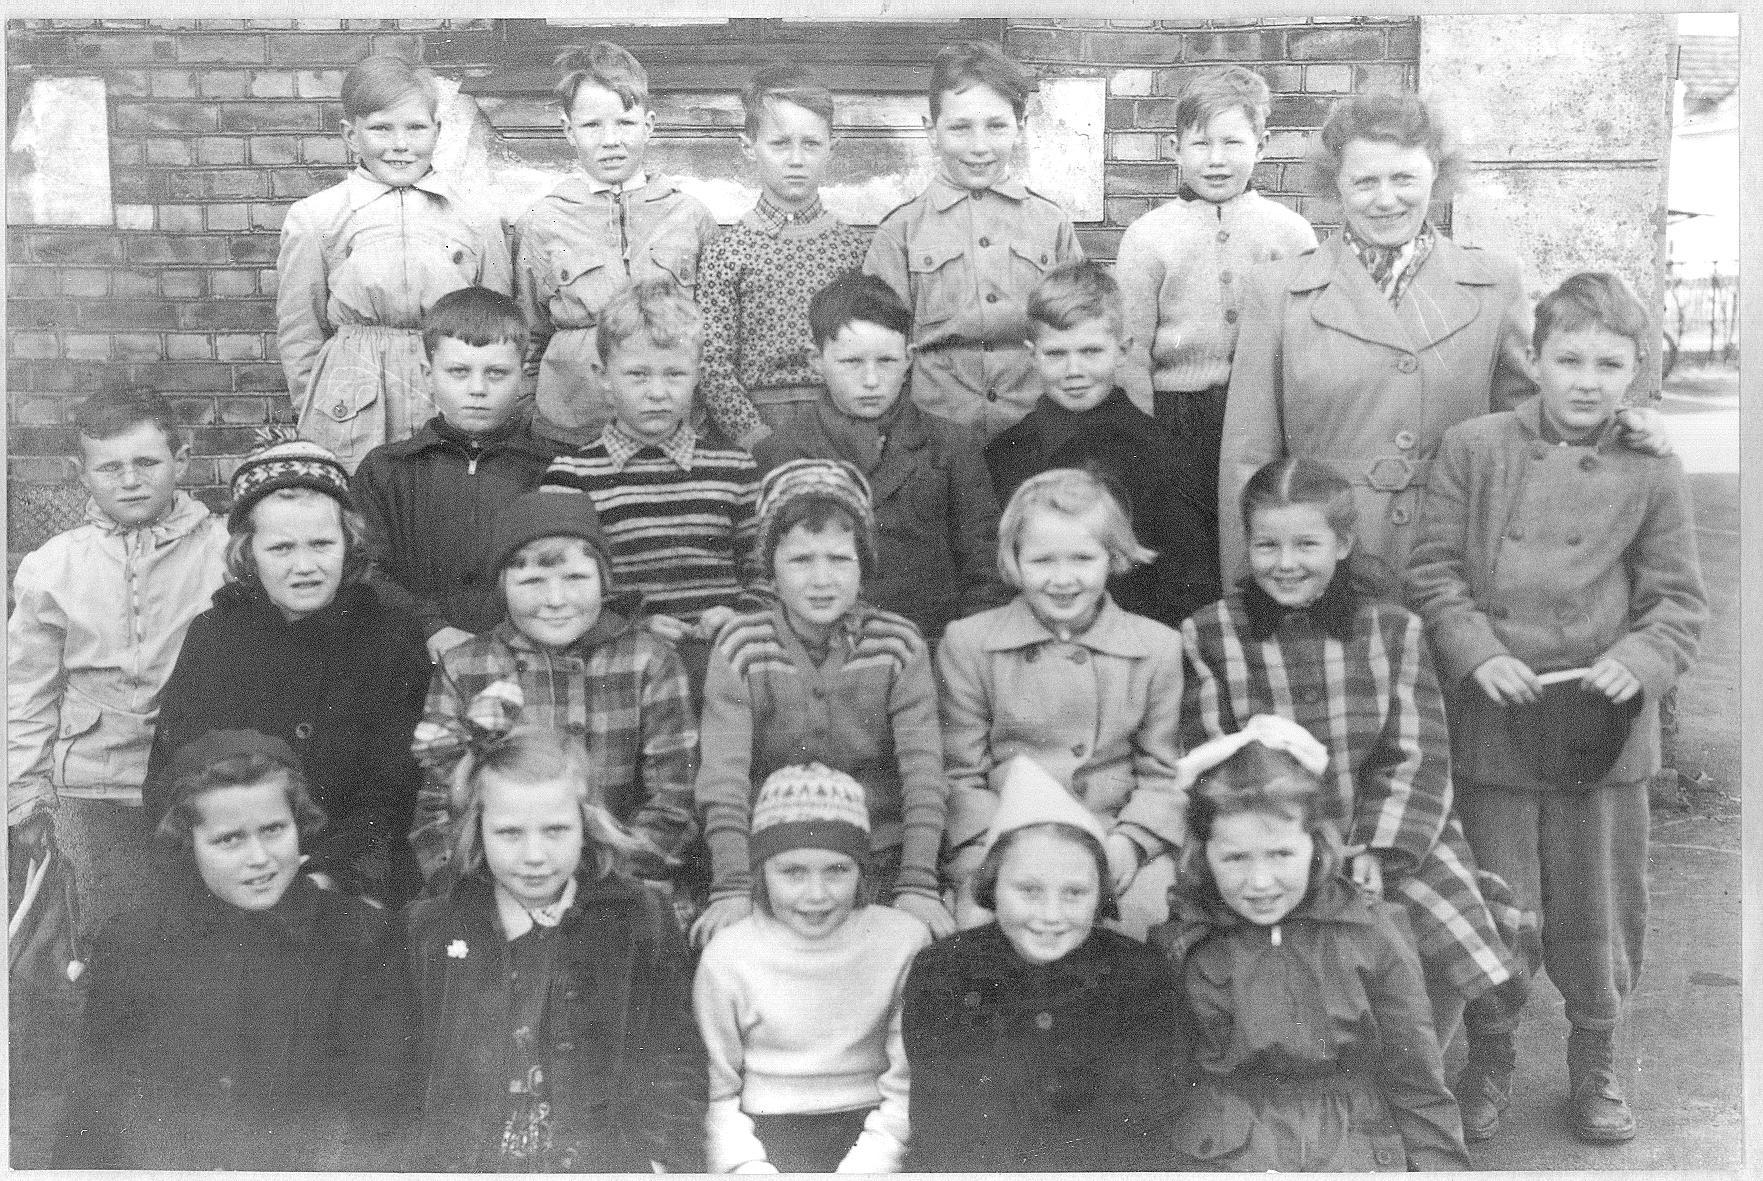 Lande skole i 1954, 3. klasse.